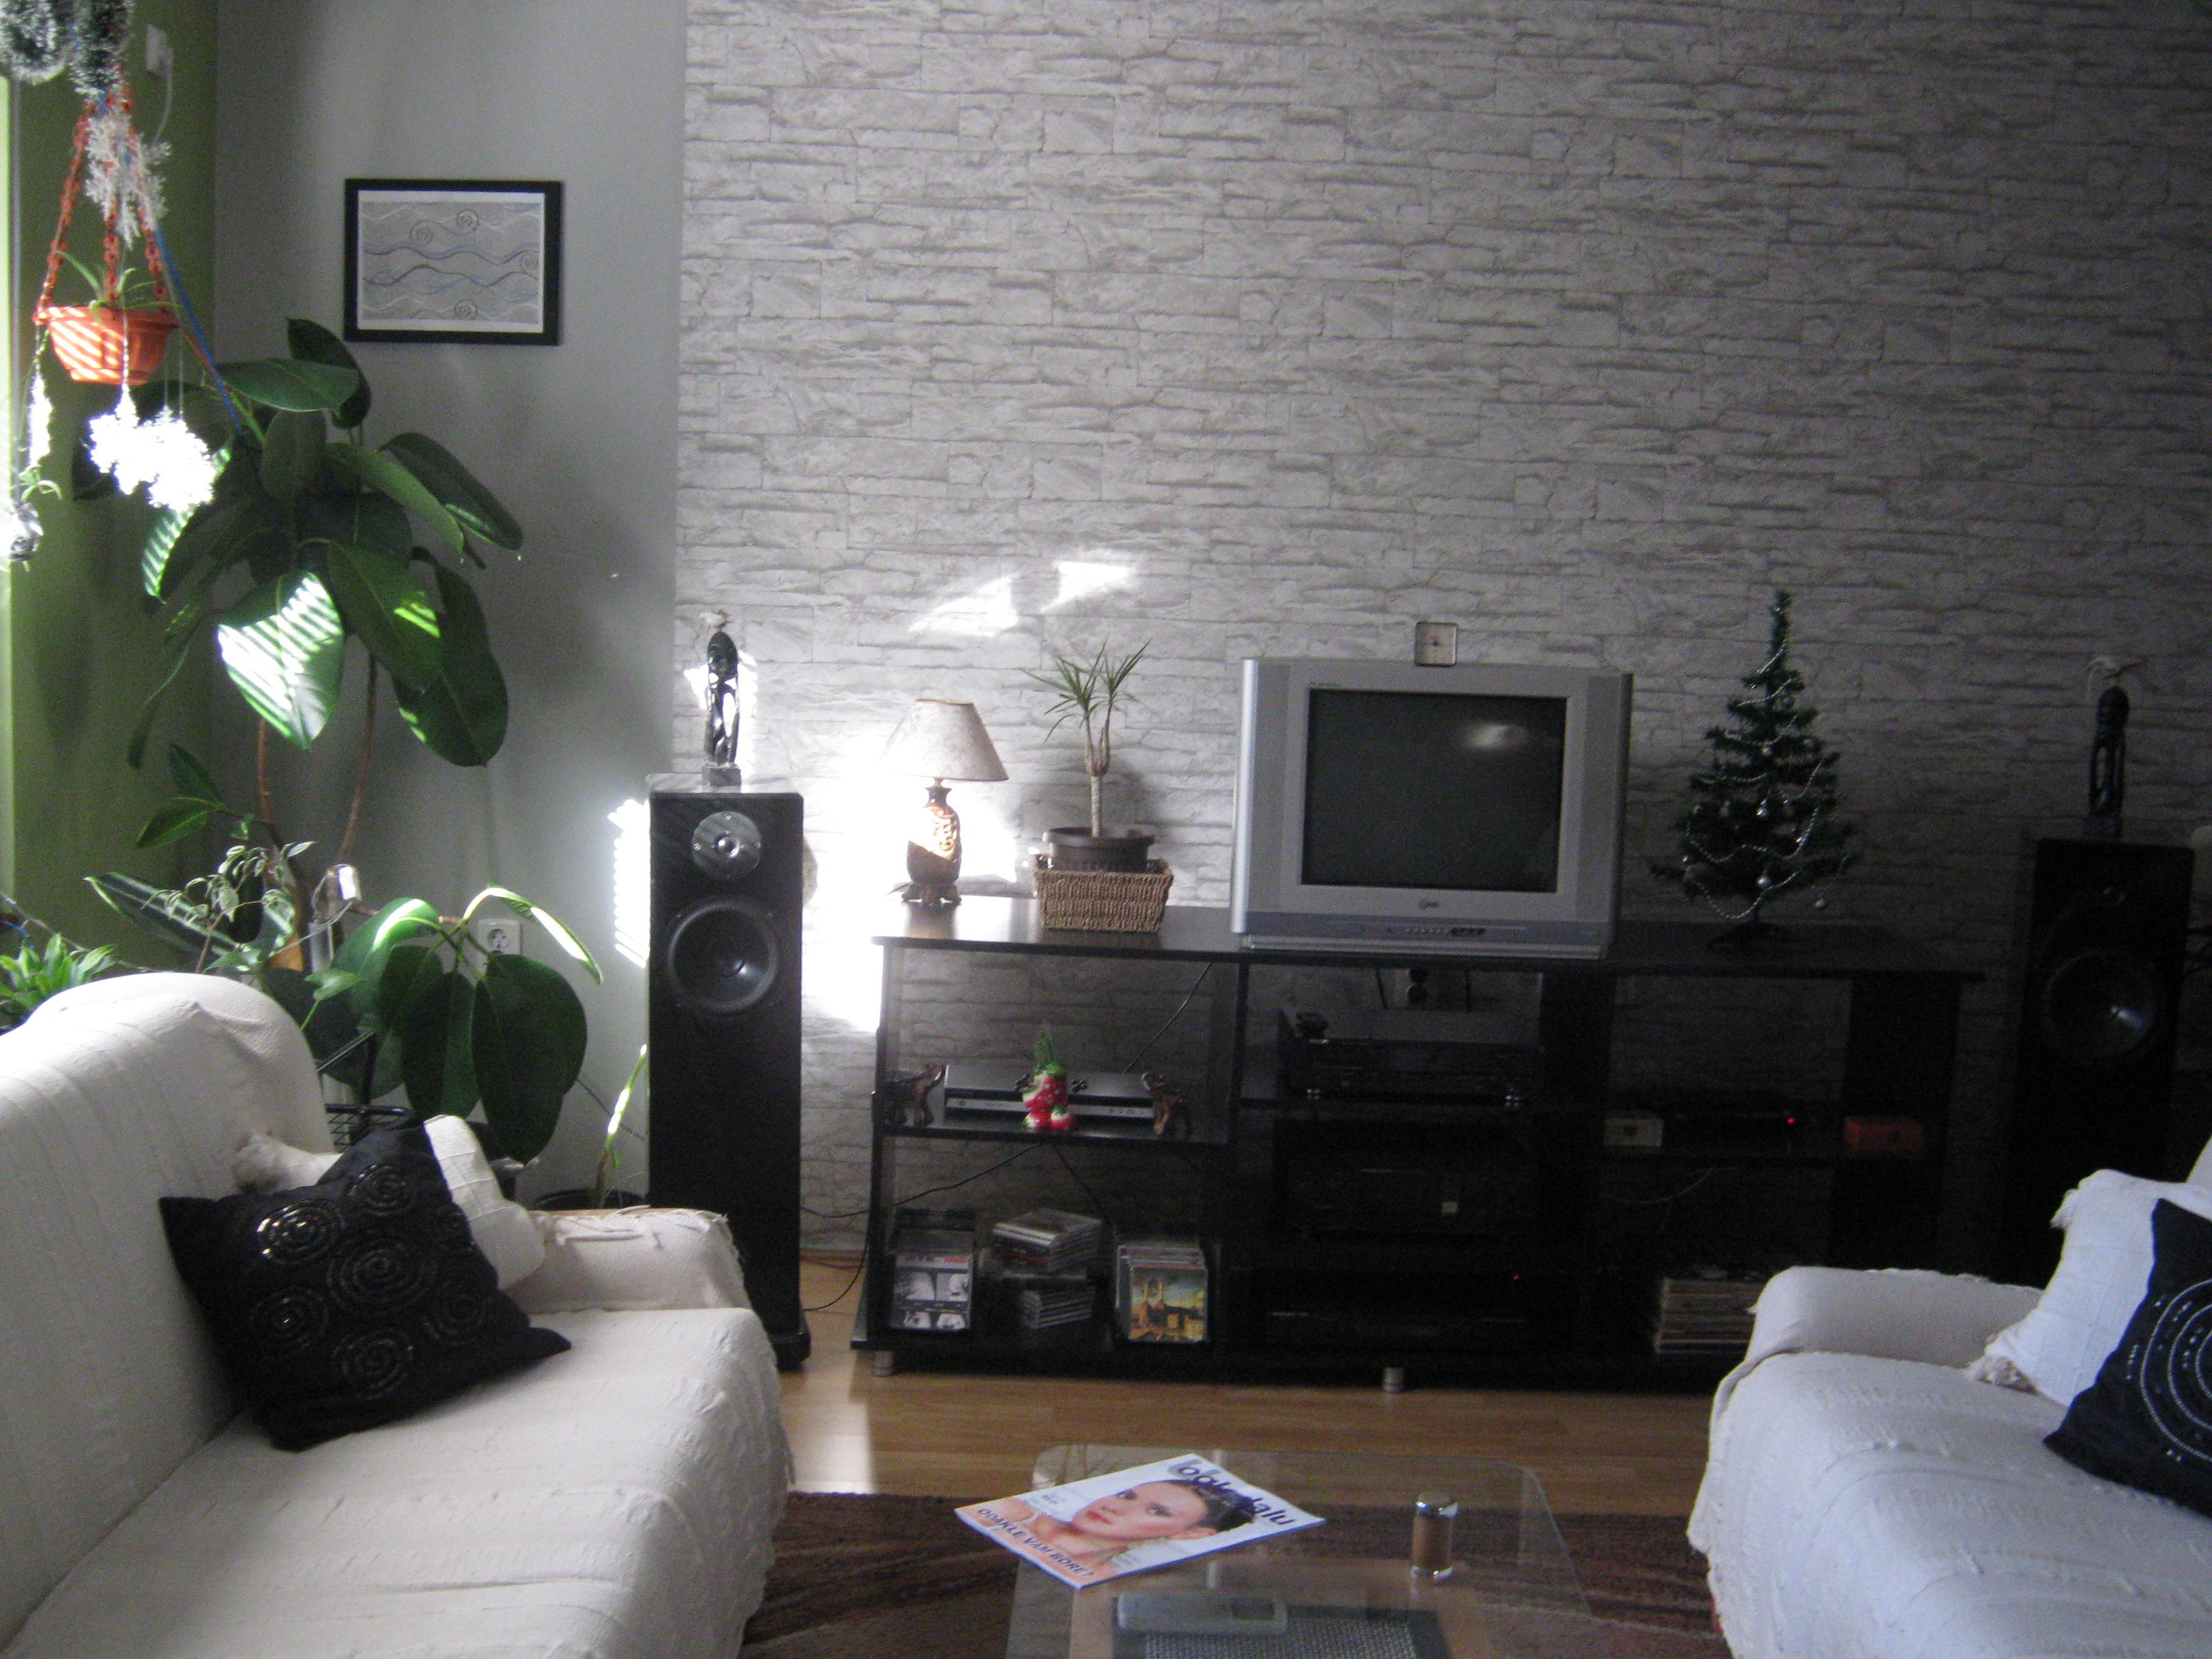 Modele Chambre Ado Fille : photo-decoration-décoration-de-salon-gris-et-blanc-9.jpg